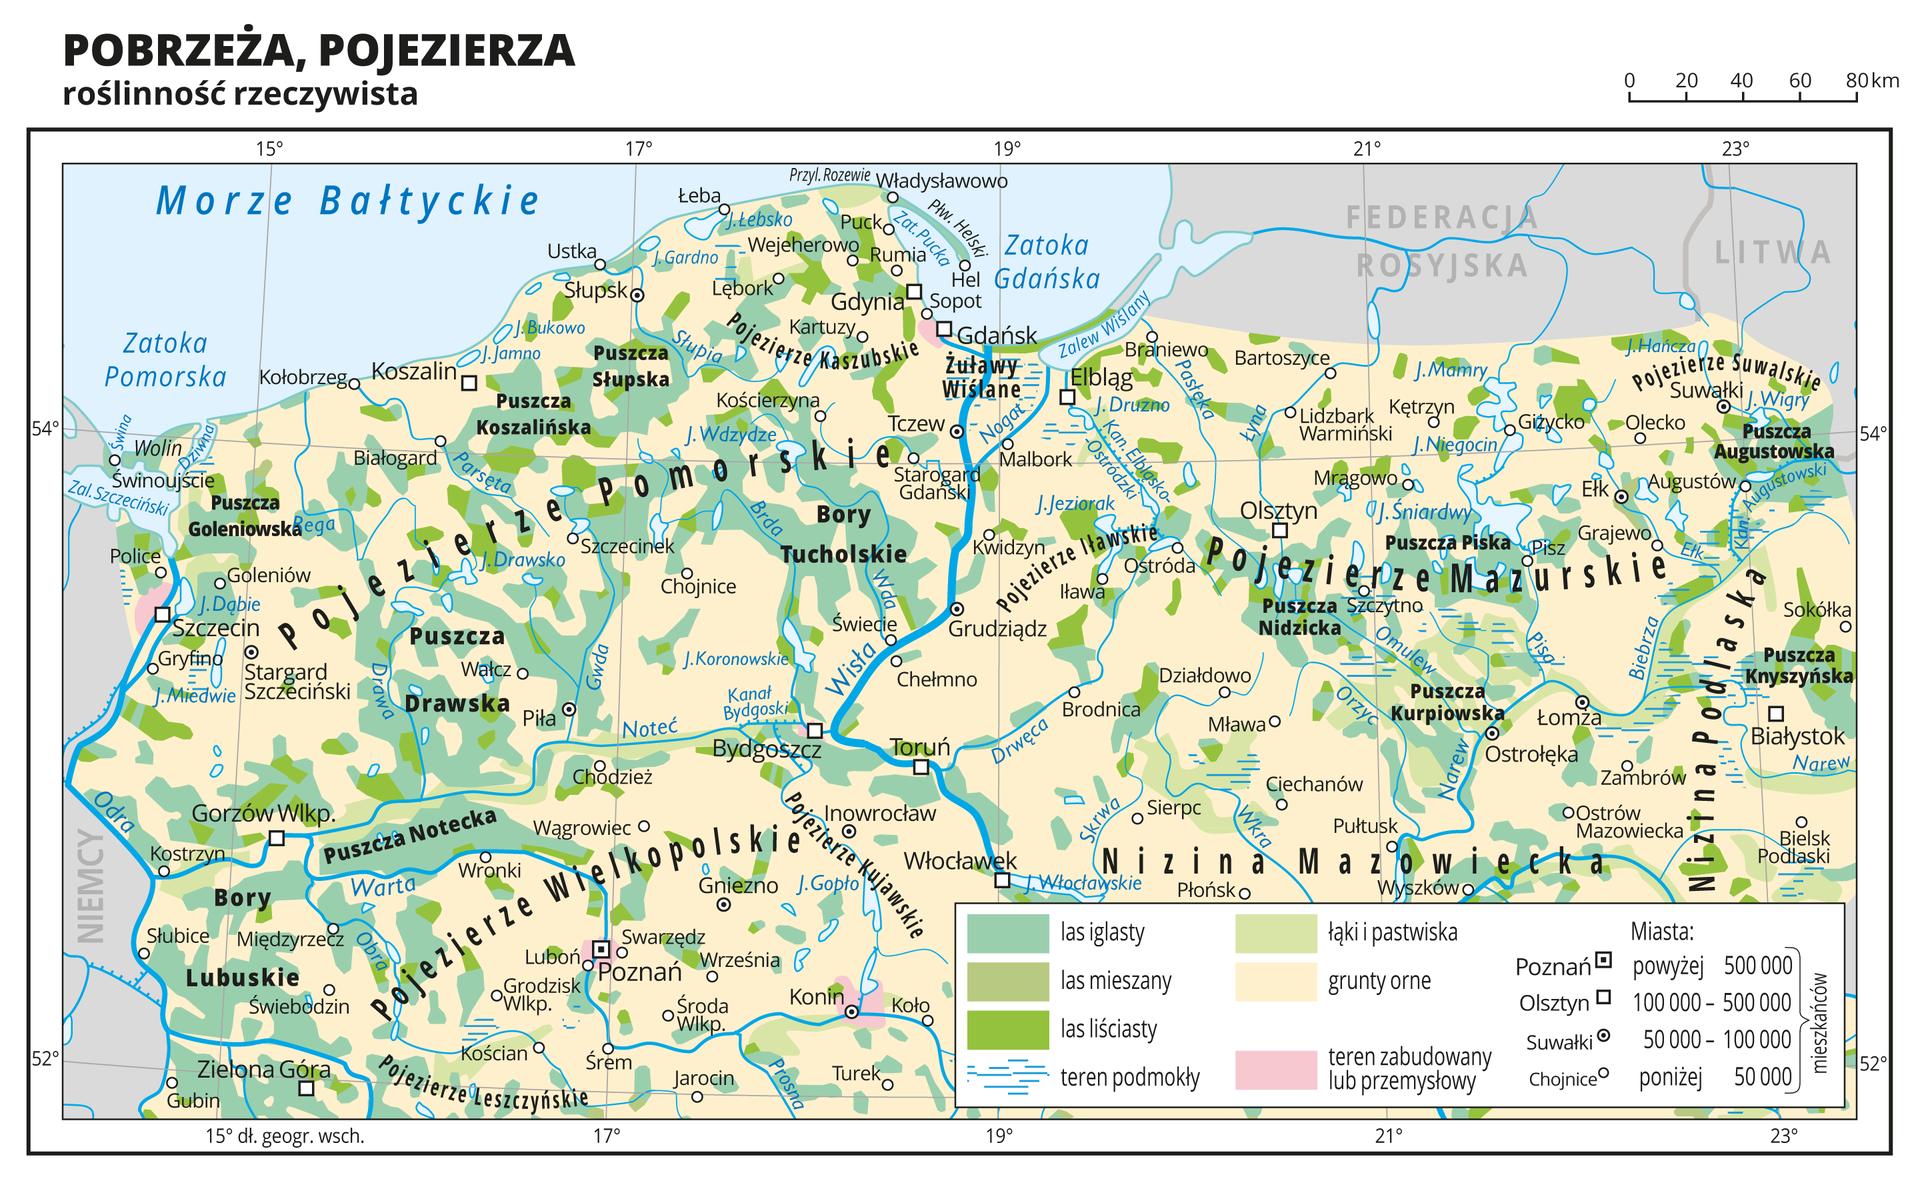 Ilustracja przedstawia fragment mapy Polski obejmujący pobrzeża ipojezierza, na którym przedstawiono roślinność rzeczywistą. Na mapie przeważa kolor beżowy obrazujący grunty orne, na którym równomiernie rozmieszczone są plamy koloru zielonego obrazujące występowanie lasów iglastych (kolor ciemnozielony). Wpółnocnej części występują również lasy liściaste oznaczone kolorem jasnozielonym, awe wschodniej części występują łąki ipastwiska oznaczone kolorem bardzo jasnym zielonym.Oznaczono iopisano miasta, rzeki ijeziora. Opisano pojezierza oraz państwa sąsiadujące zPolską. Podpisano również większe kompleksy leśne, jak Bory Tucholskie, Puszcza Knyszyńska itym podobne.Dookoła mapy wbiałej ramce opisano współrzędne geograficzne co dwa stopnie. Wlegendzie mapy objaśniono znaki ibarwy użyte na mapie.